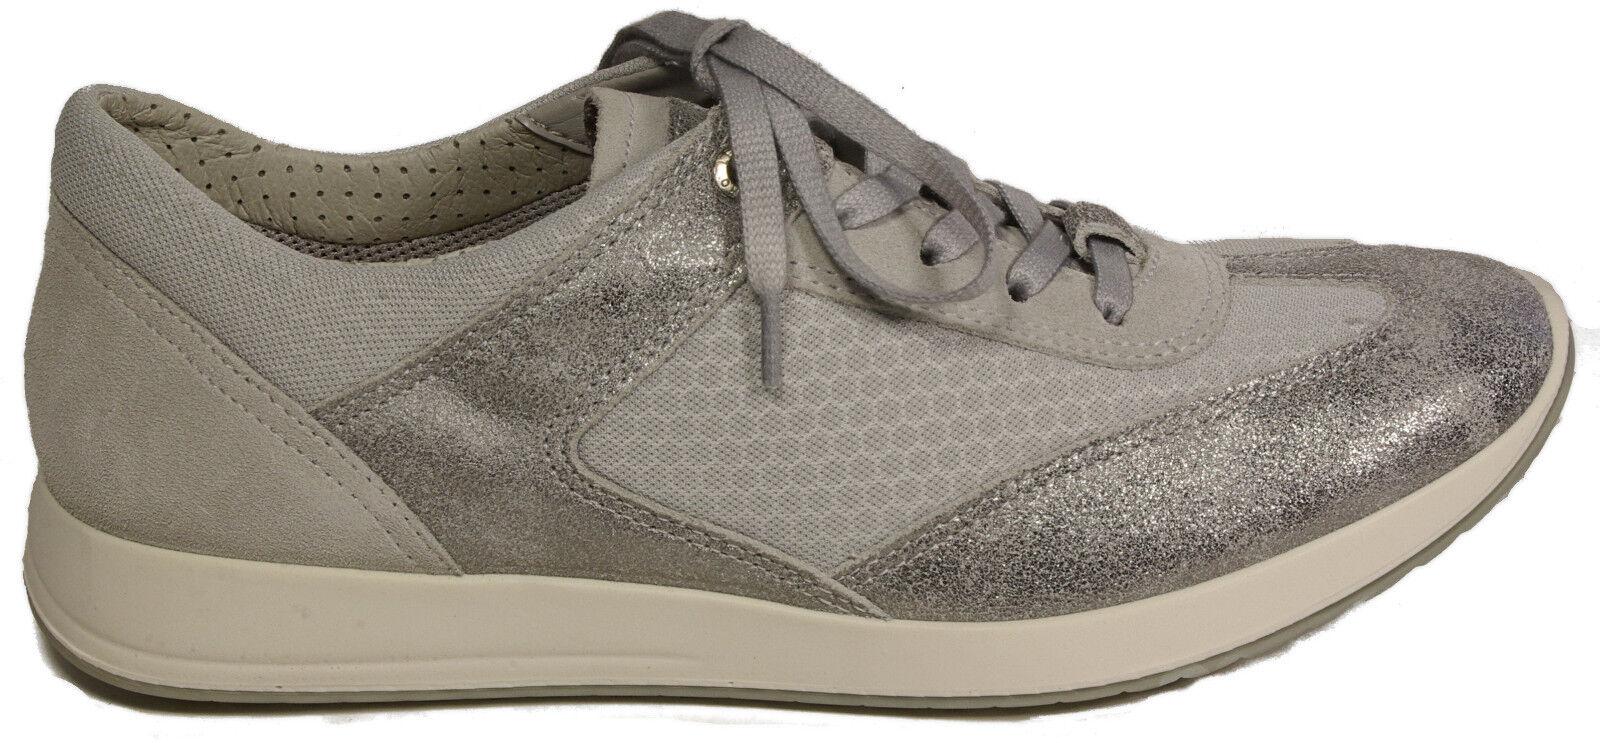 LEGERO Schuhe Sneaker Halbschuhe silber metallic Leder Wechselfußbett NEU NEU Wechselfußbett ee6641